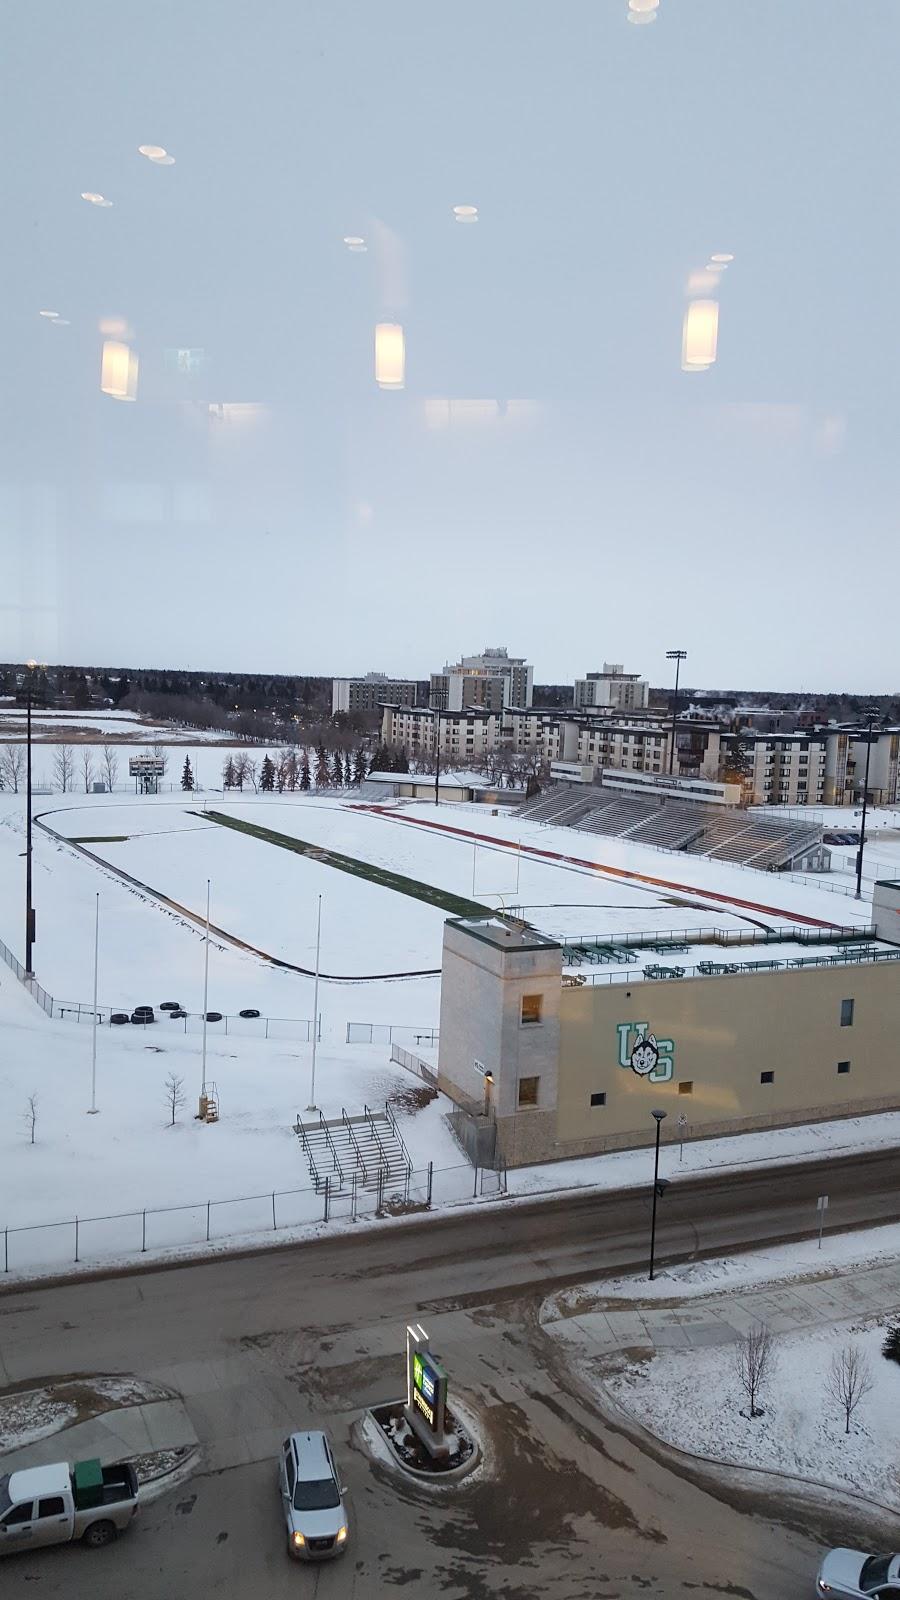 Griffiths Stadium | stadium | 48 Stadium Crescent, Saskatoon, SK S7N 1M3, Canada | 3069664343 OR +1 306-966-4343